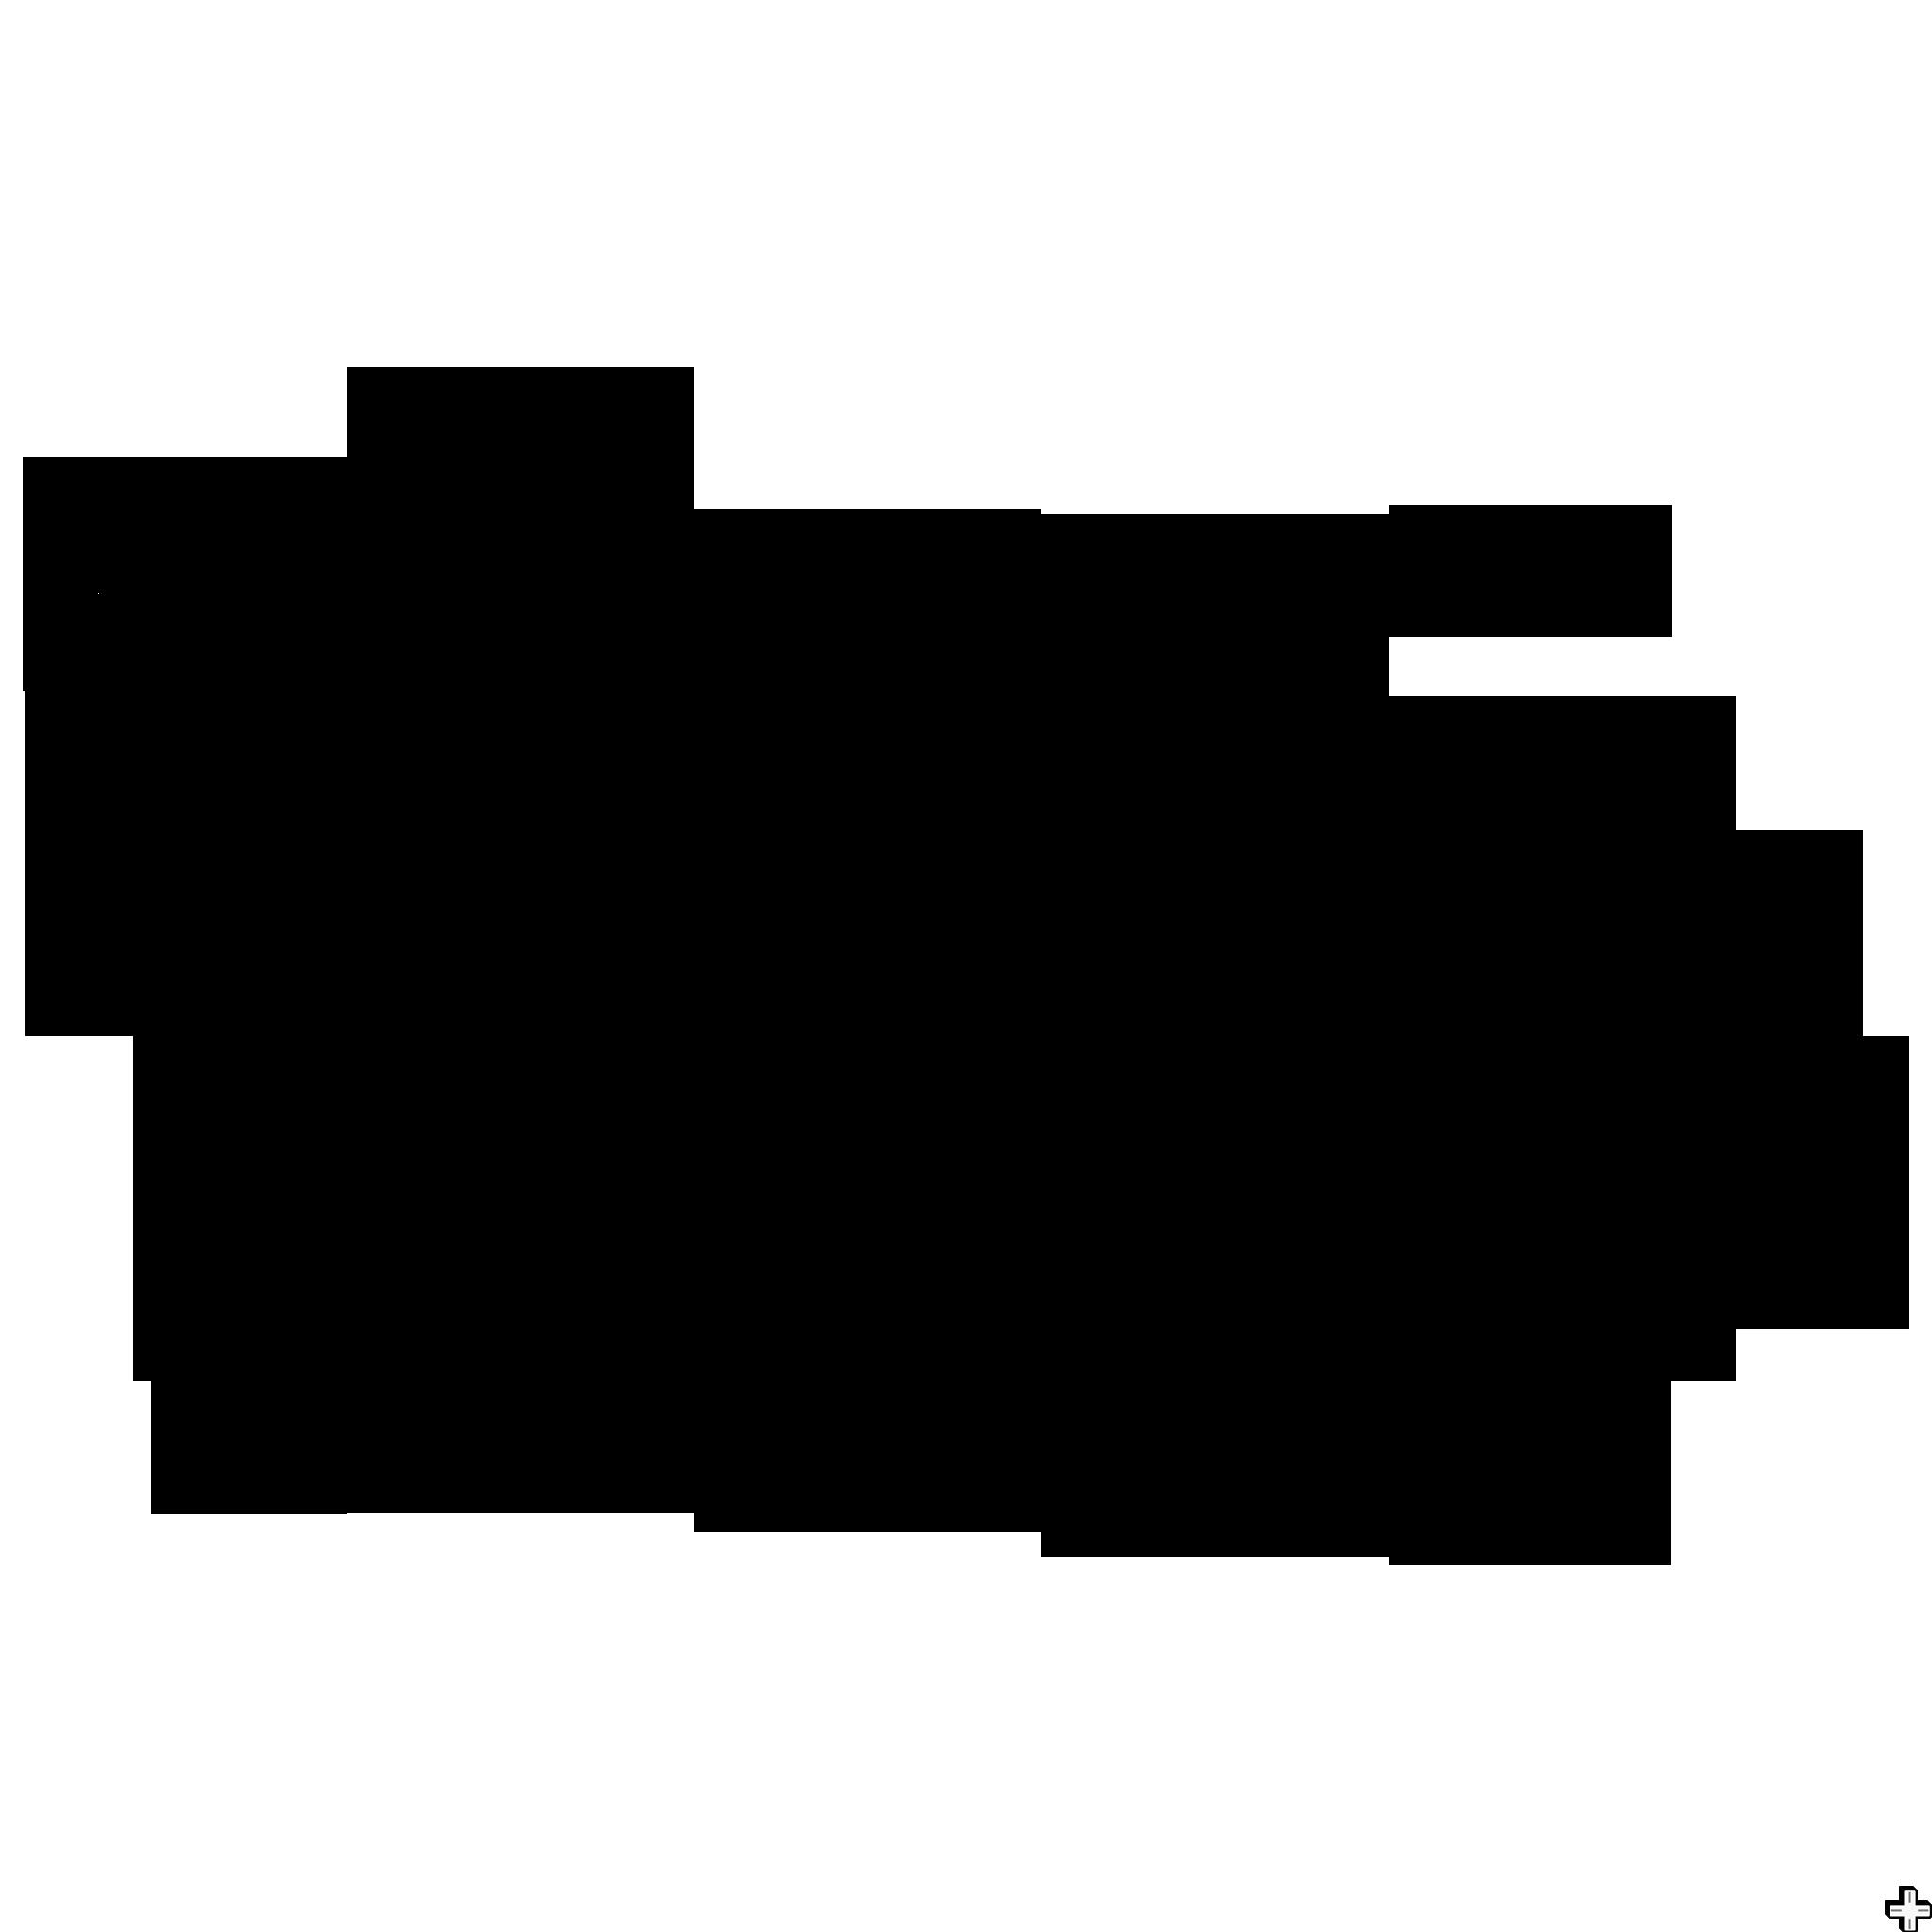 Autoaufkleber familie strichm nnchen google suche silhouette cameo plotten strichm nnchen - Silhouette cameo vorlagen ...